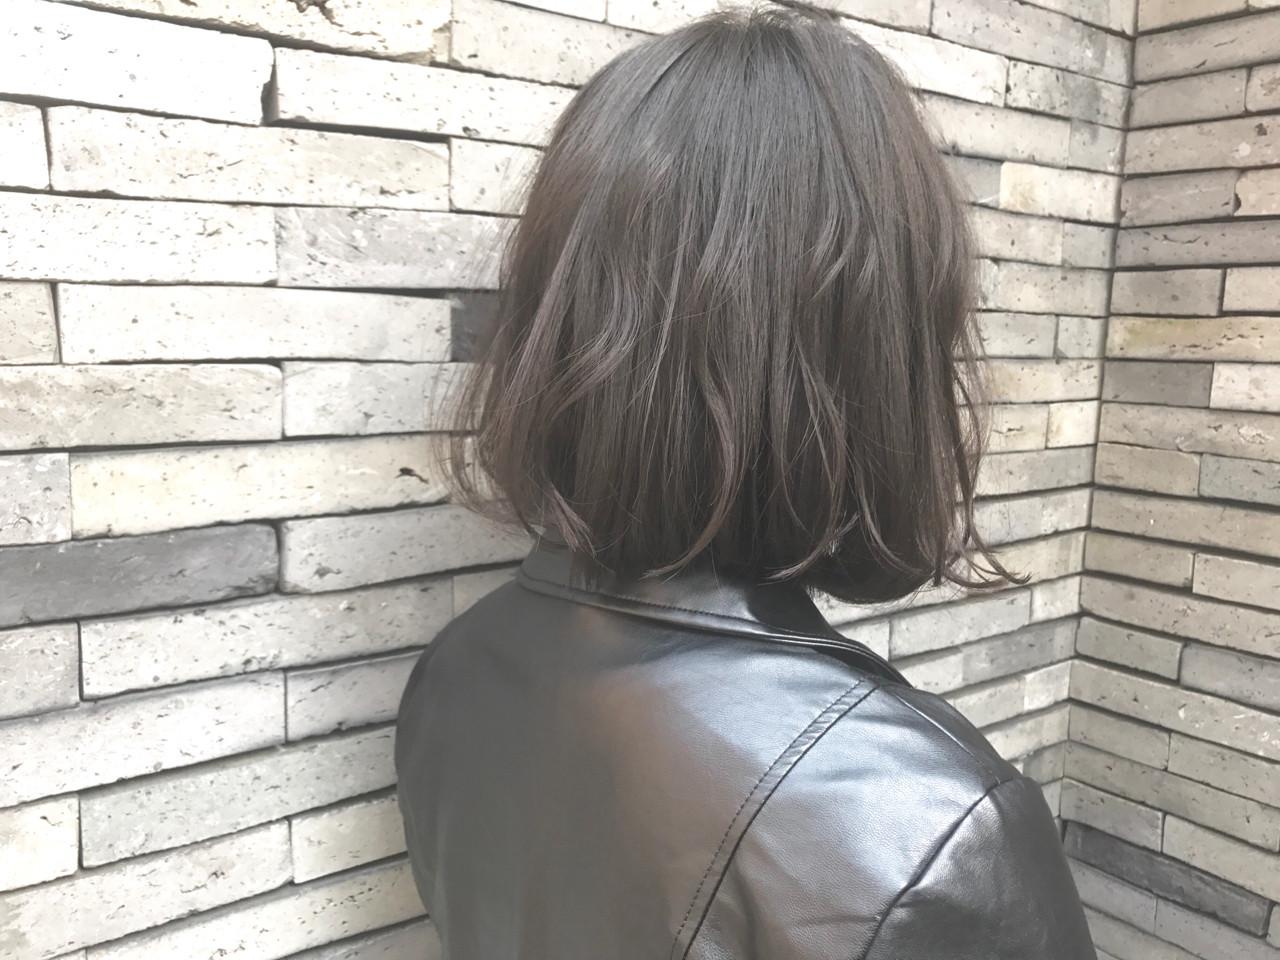 グレー ボブ ナチュラル アッシュグレー ヘアスタイルや髪型の写真・画像